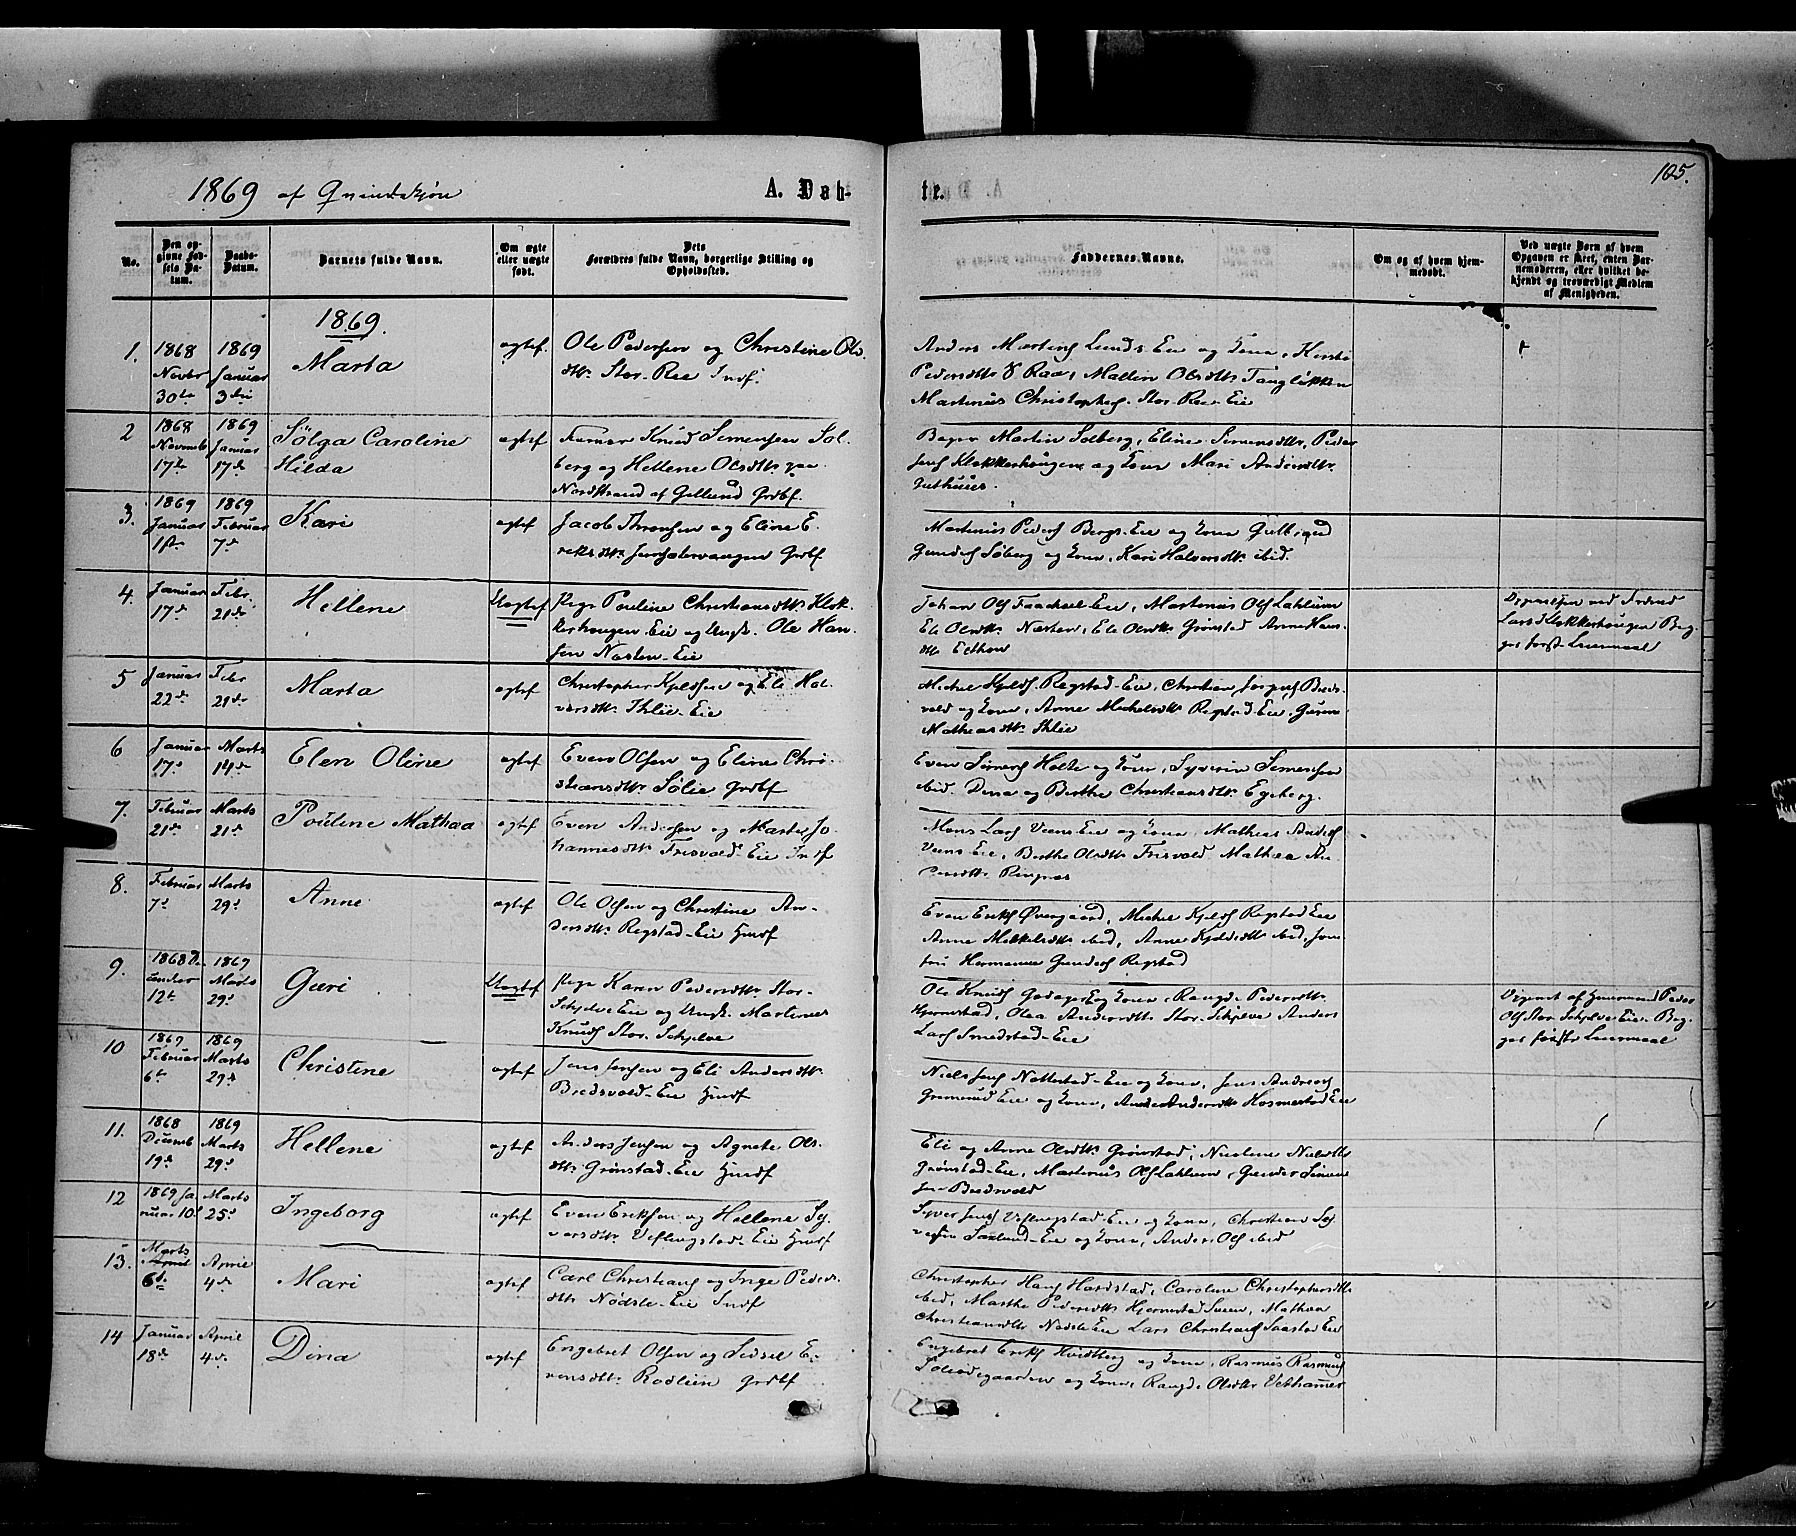 SAH, Stange prestekontor, K/L0013: Parish register (official) no. 13, 1862-1879, p. 105